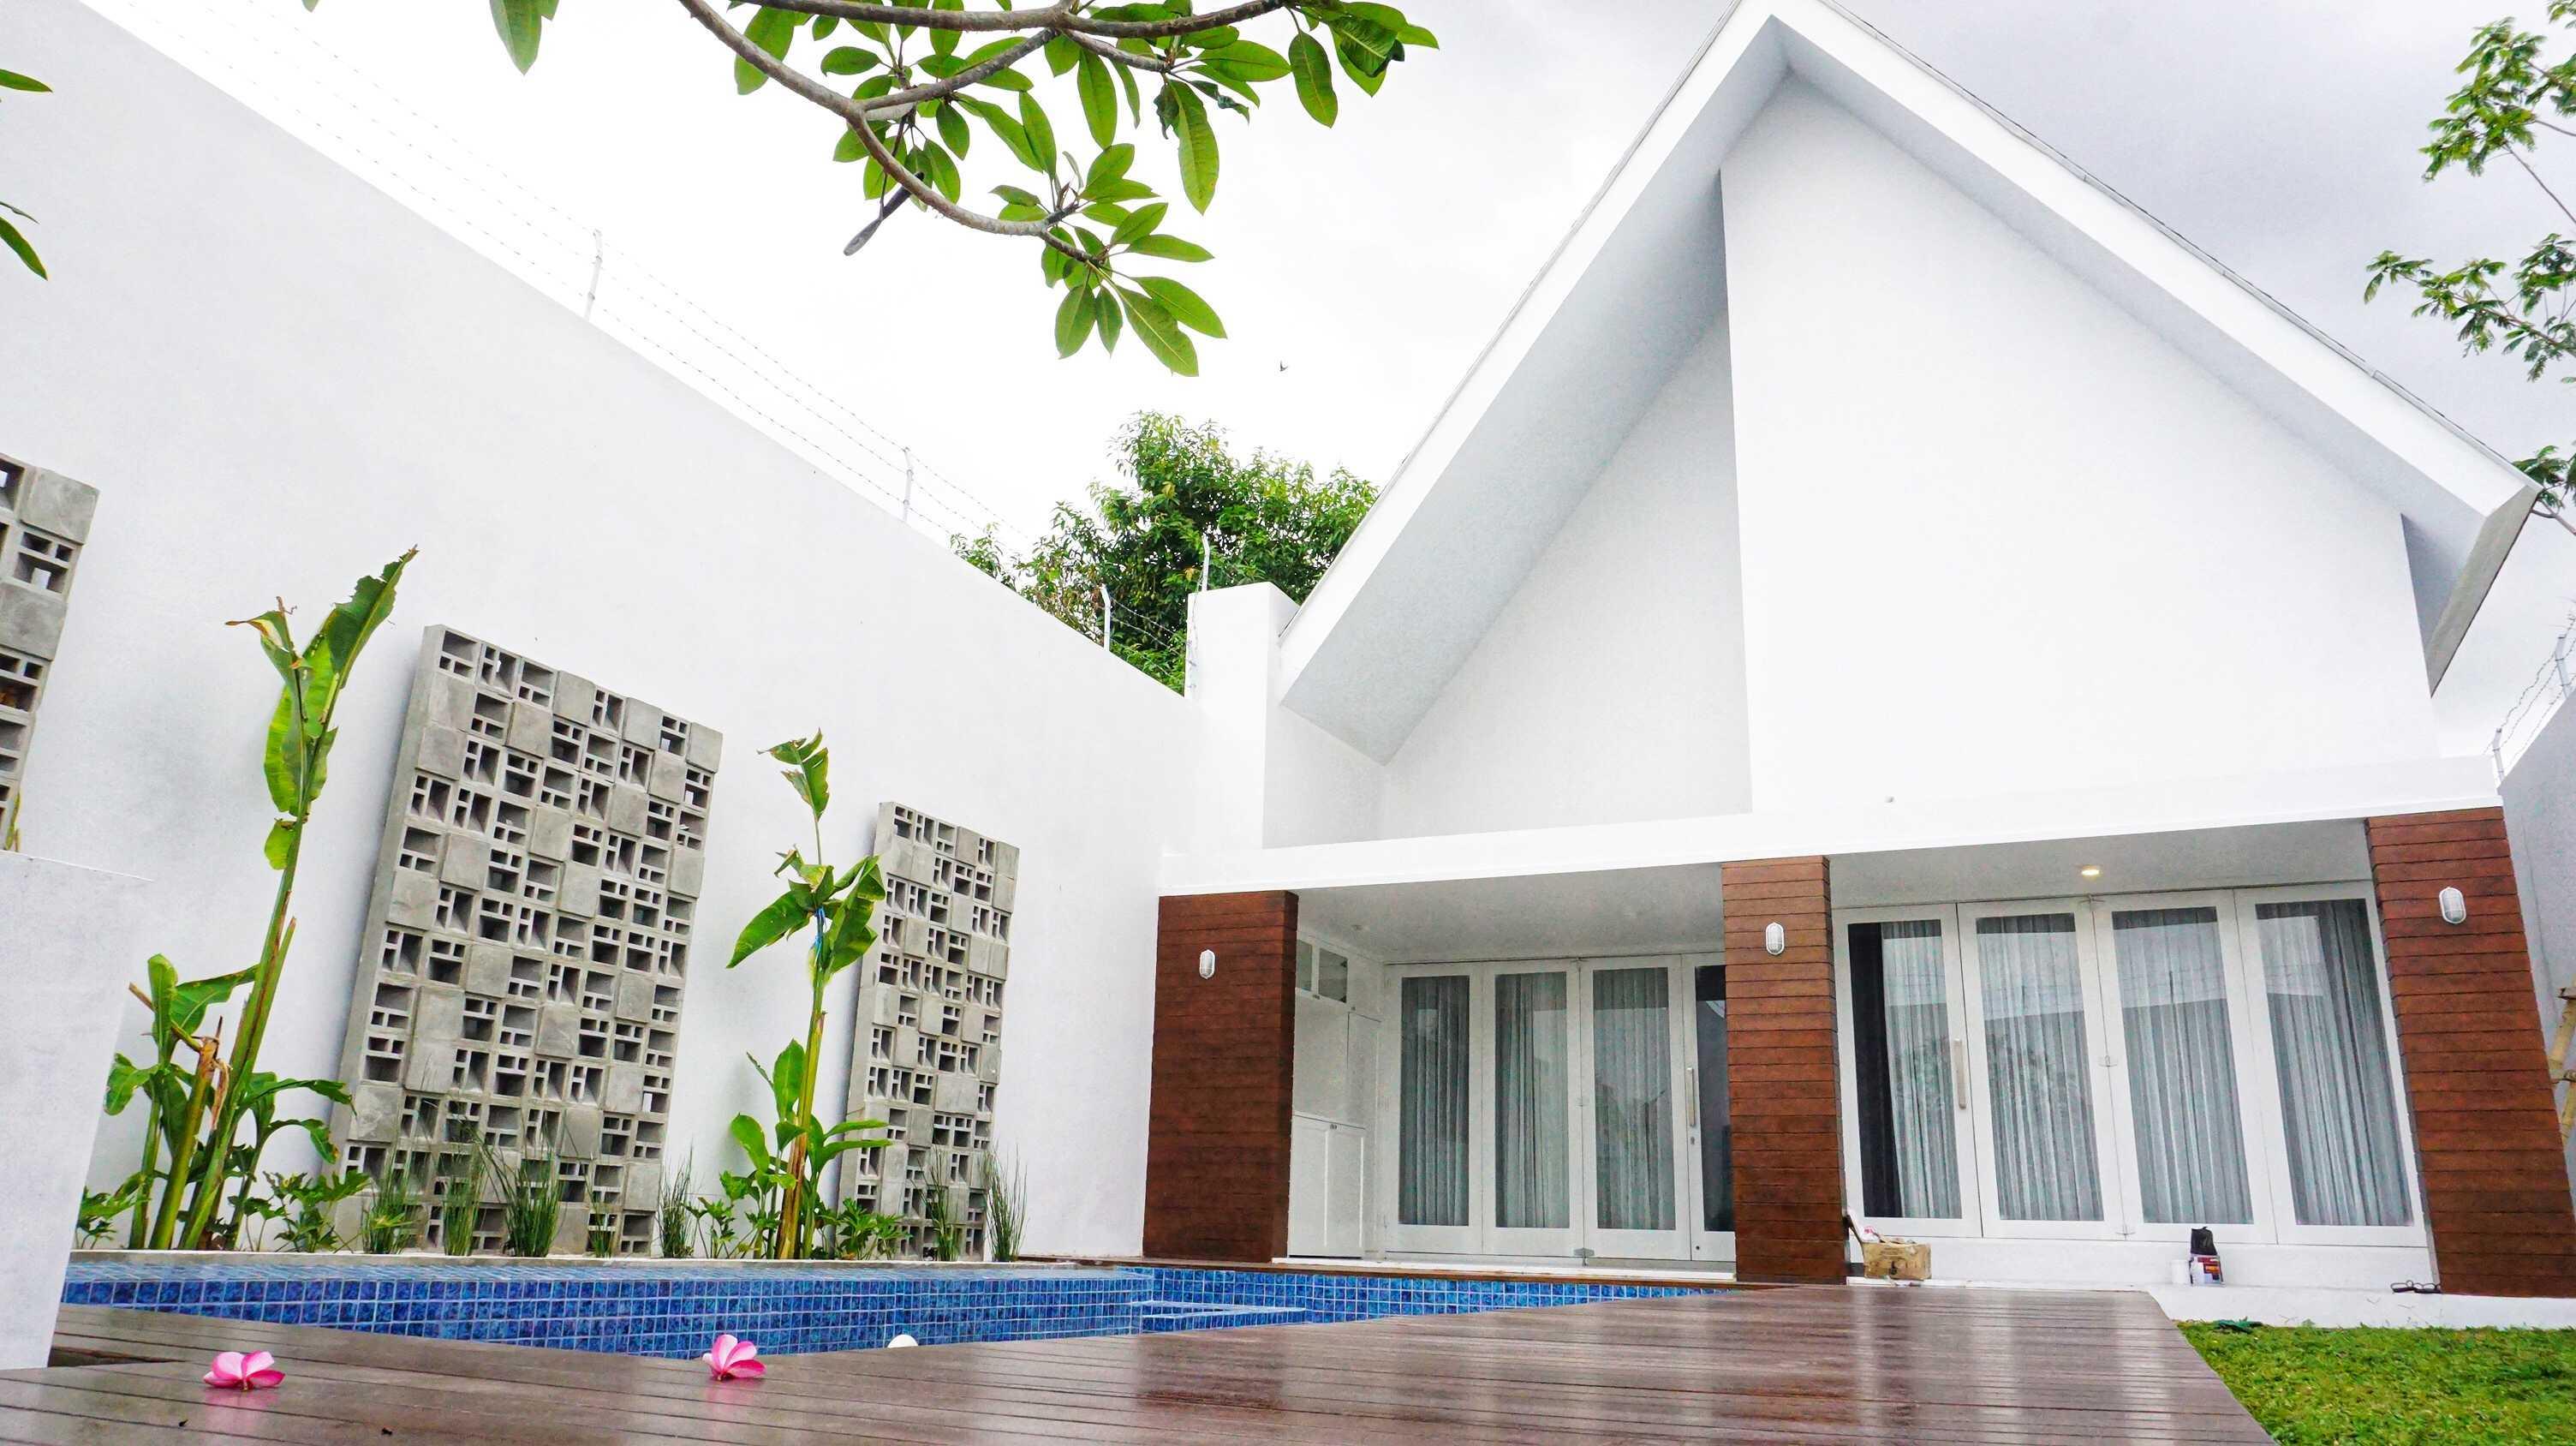 iap-architect-bs-house1615954652-l